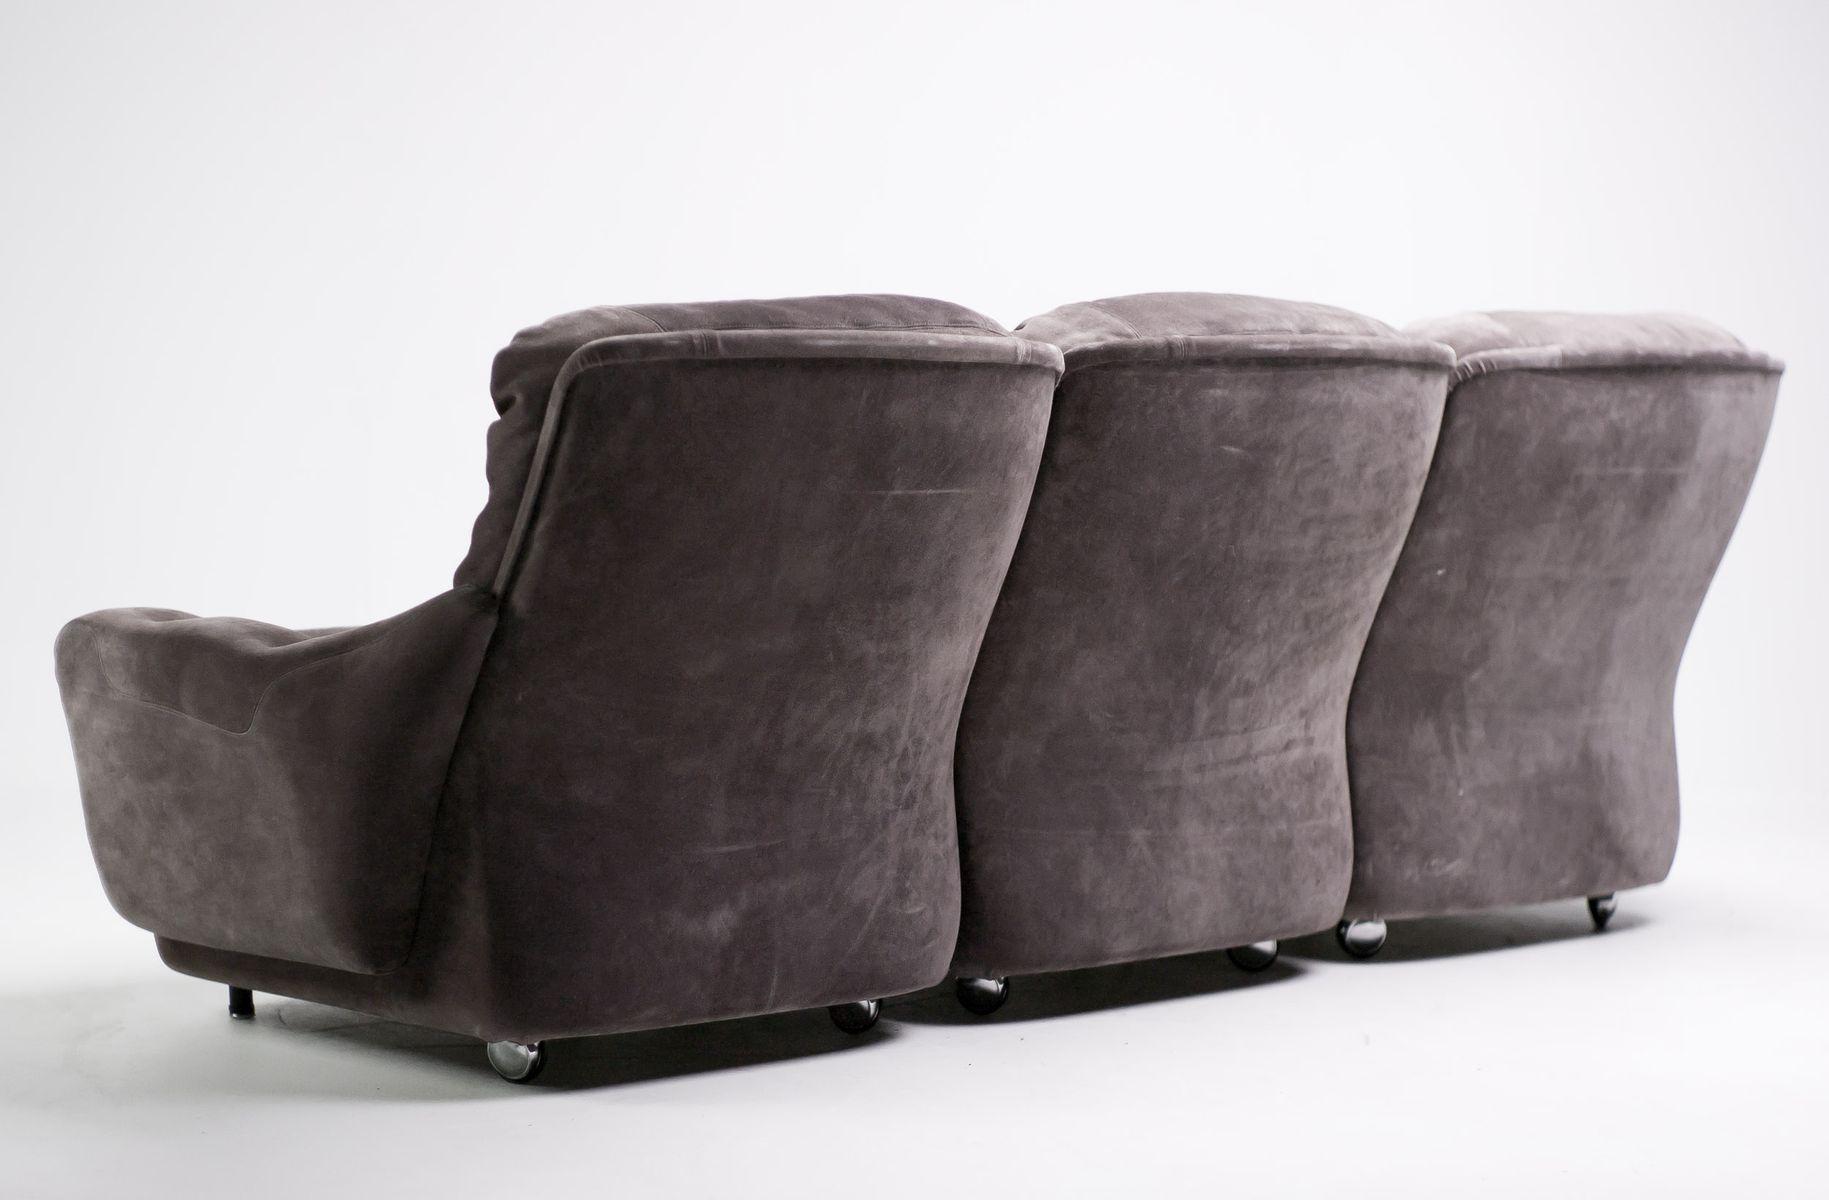 canap s vintage trois places modulaires en daim de airborne set de 2 en vente sur pamono. Black Bedroom Furniture Sets. Home Design Ideas